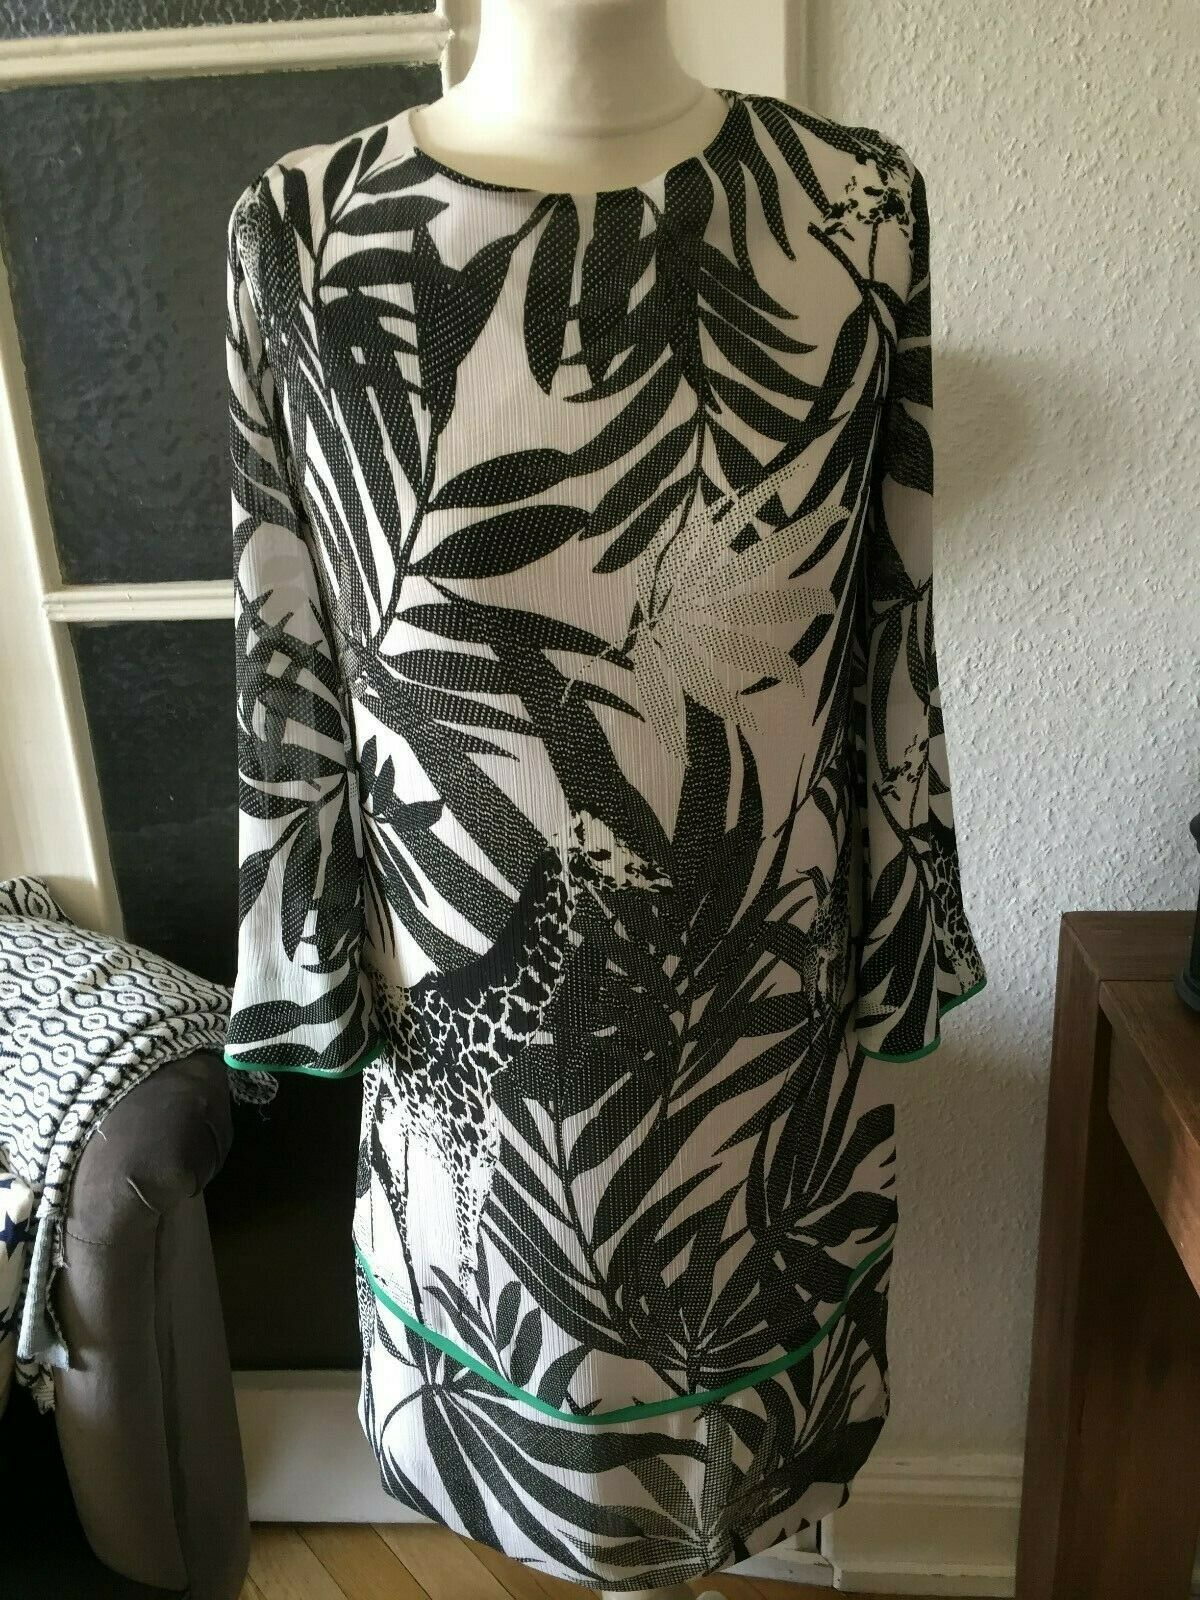 Ana Alcazar Kleid Printkleid schwarz weiß grün Gr. 36 neu